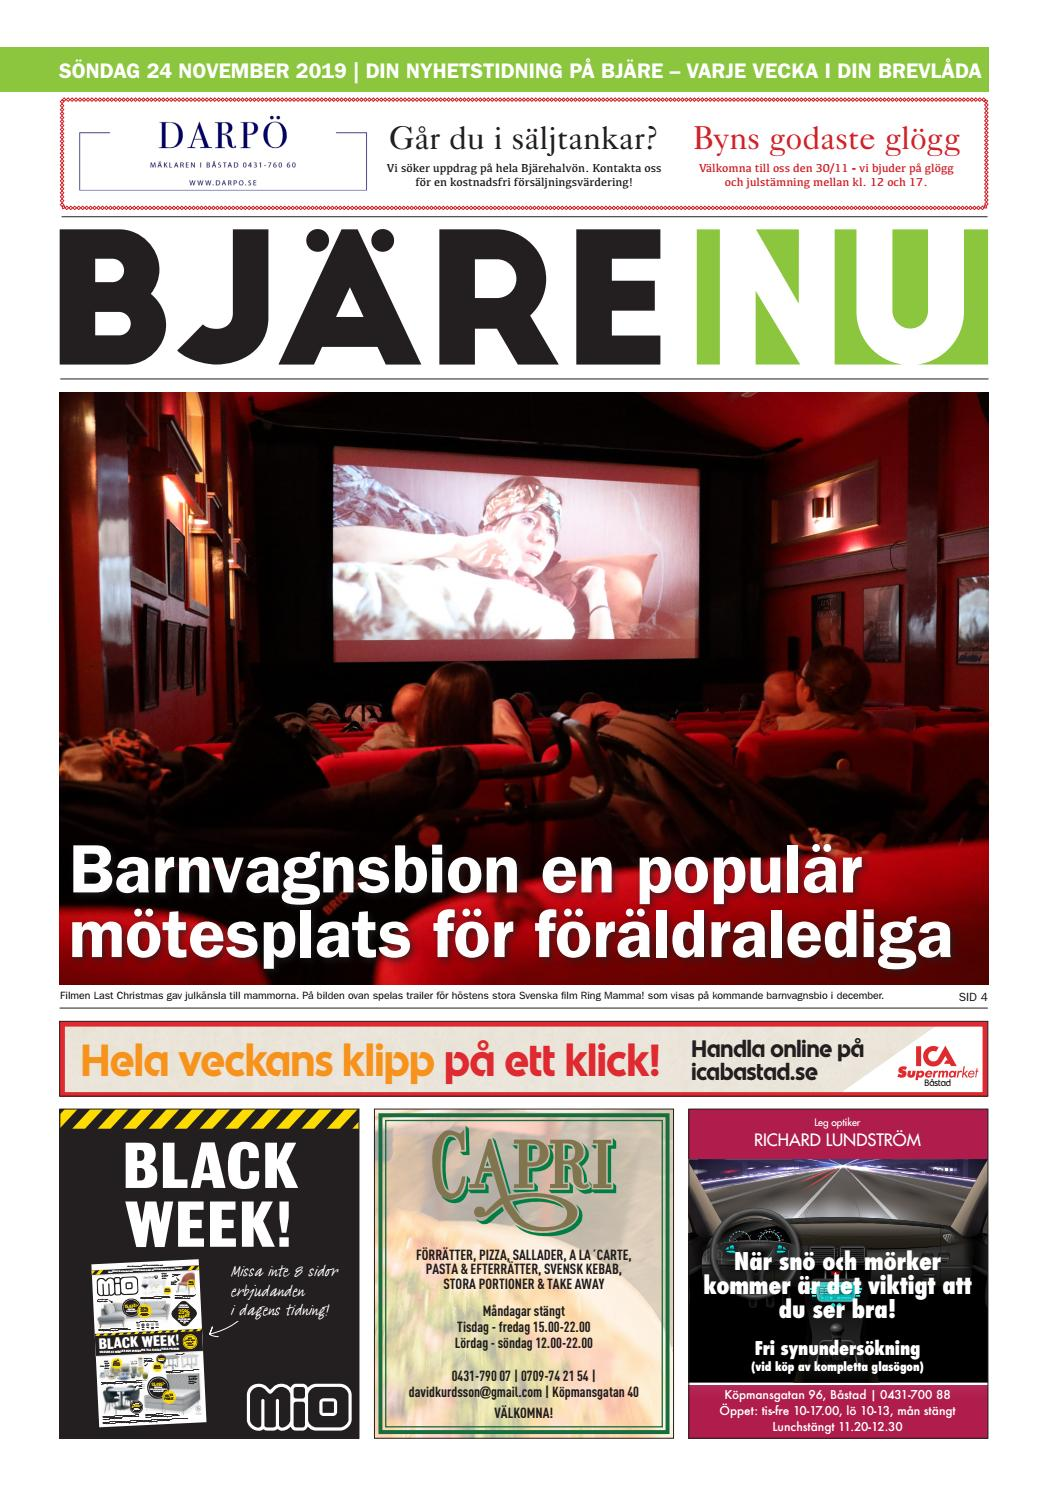 Diakoni/ Samtal och std - Svenska kyrkan - Bstad-stra Karup